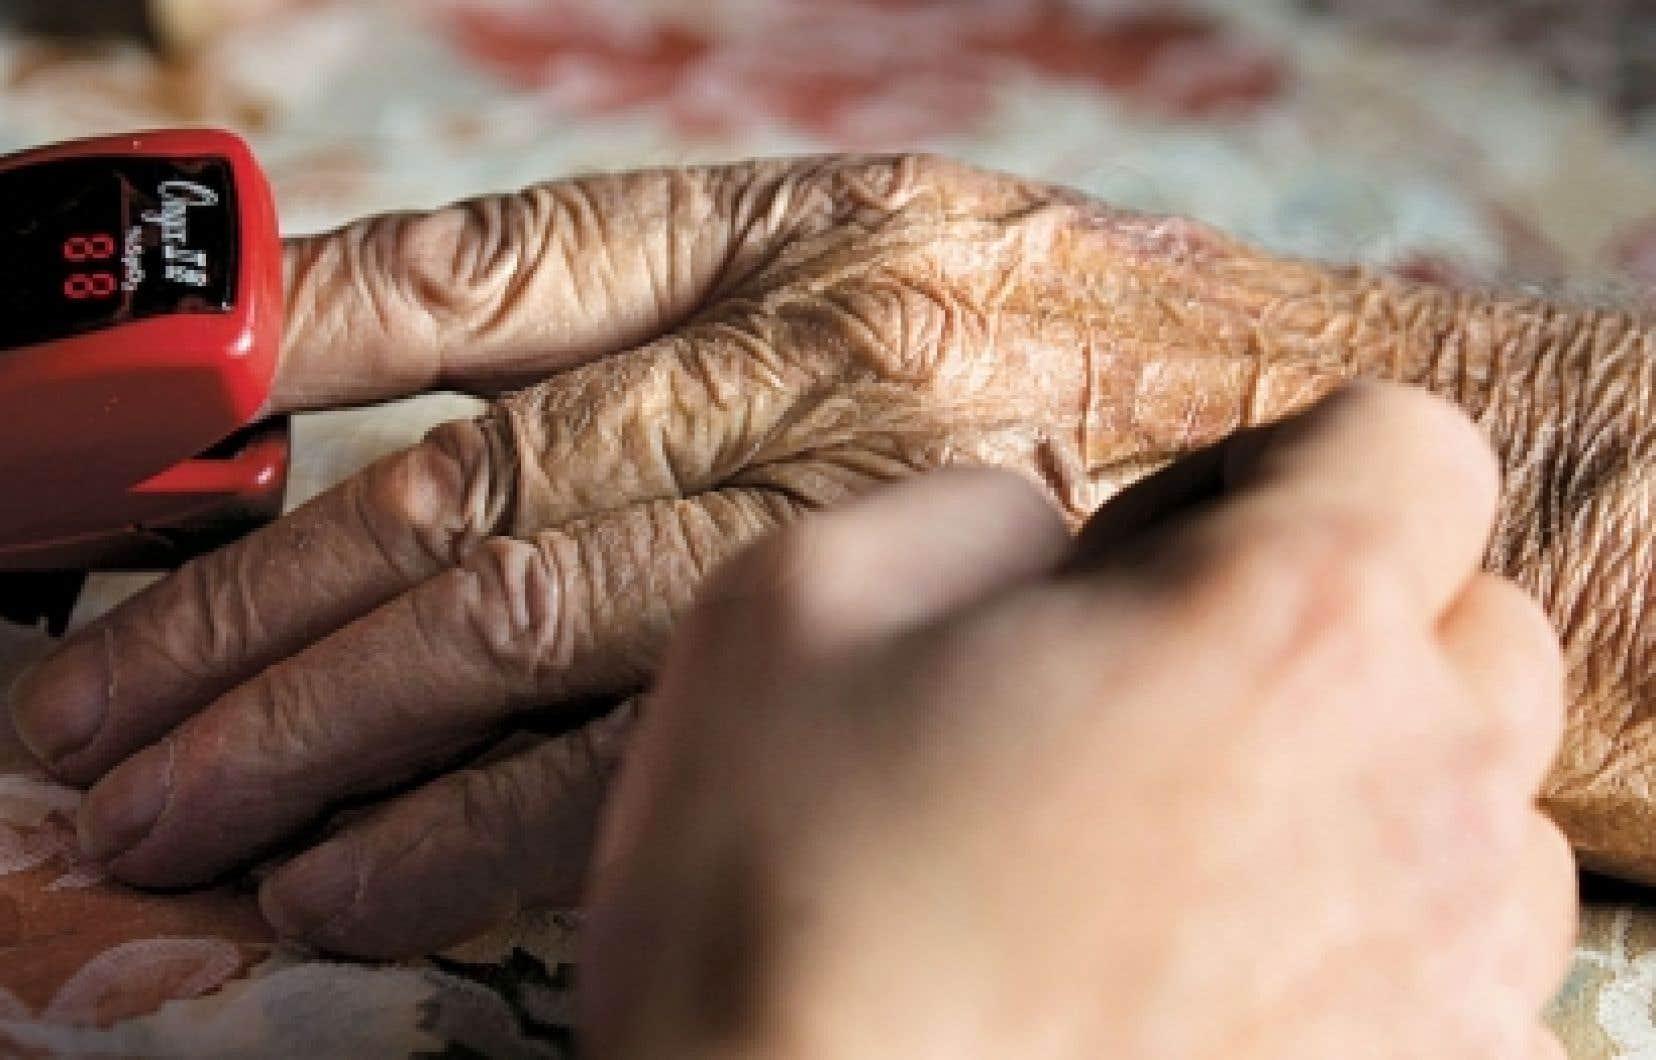 Sur les quelque 1200 malades suivis par la Société de soins palliatifs à domicile du Grand Montréal chaque année, 20 % des patients seulement finissent par mourir à leur domicile.